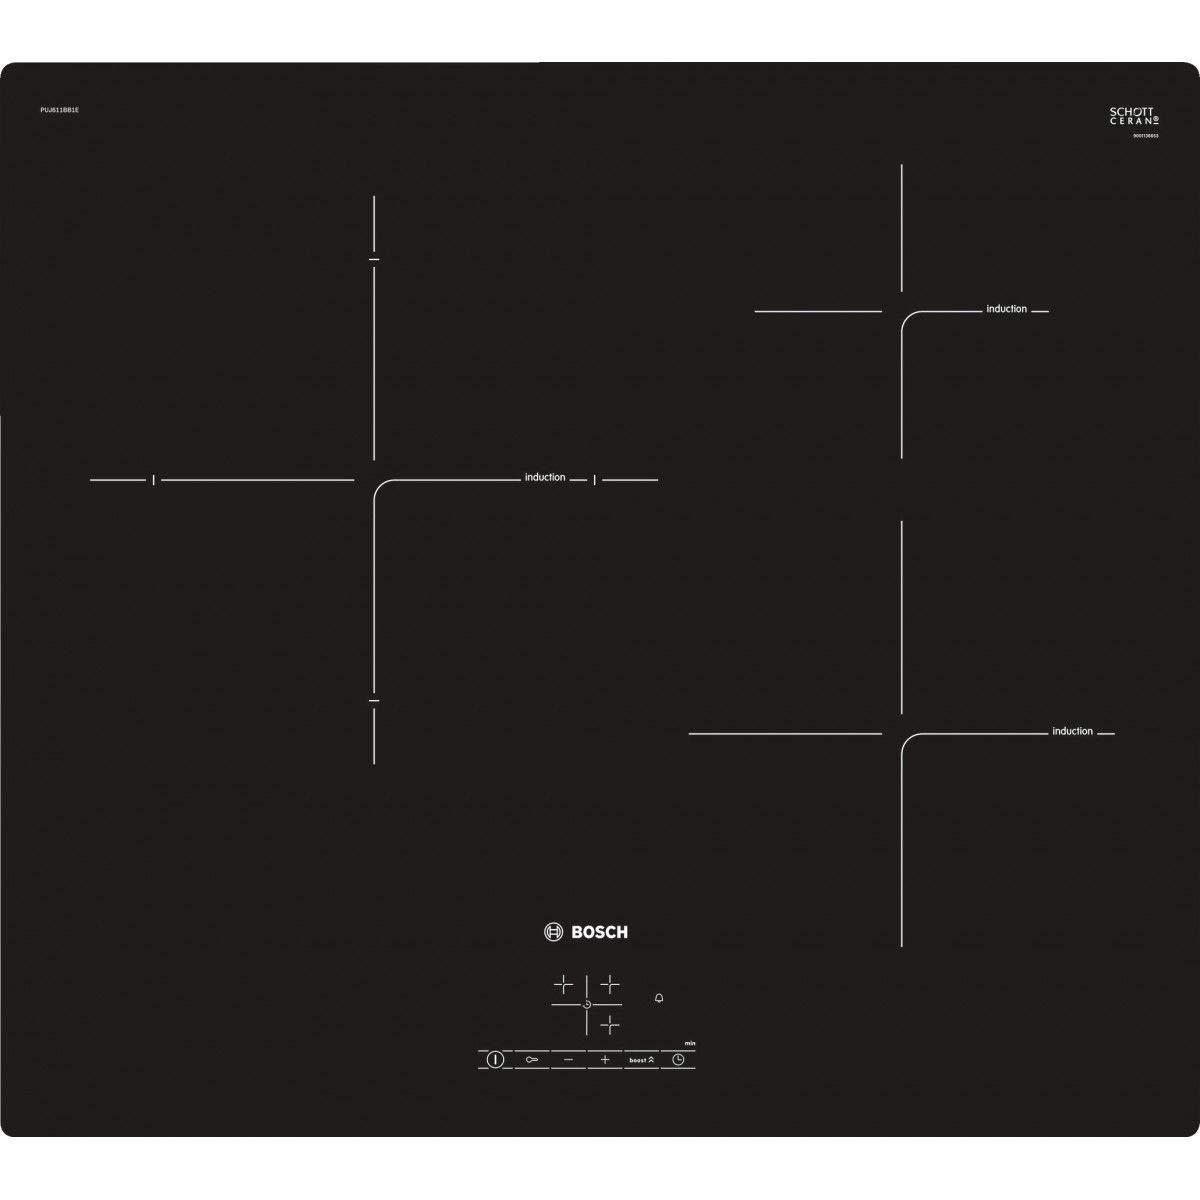 Bosch PUJ611BB1E - Placas de cocina de inducción, negras ...